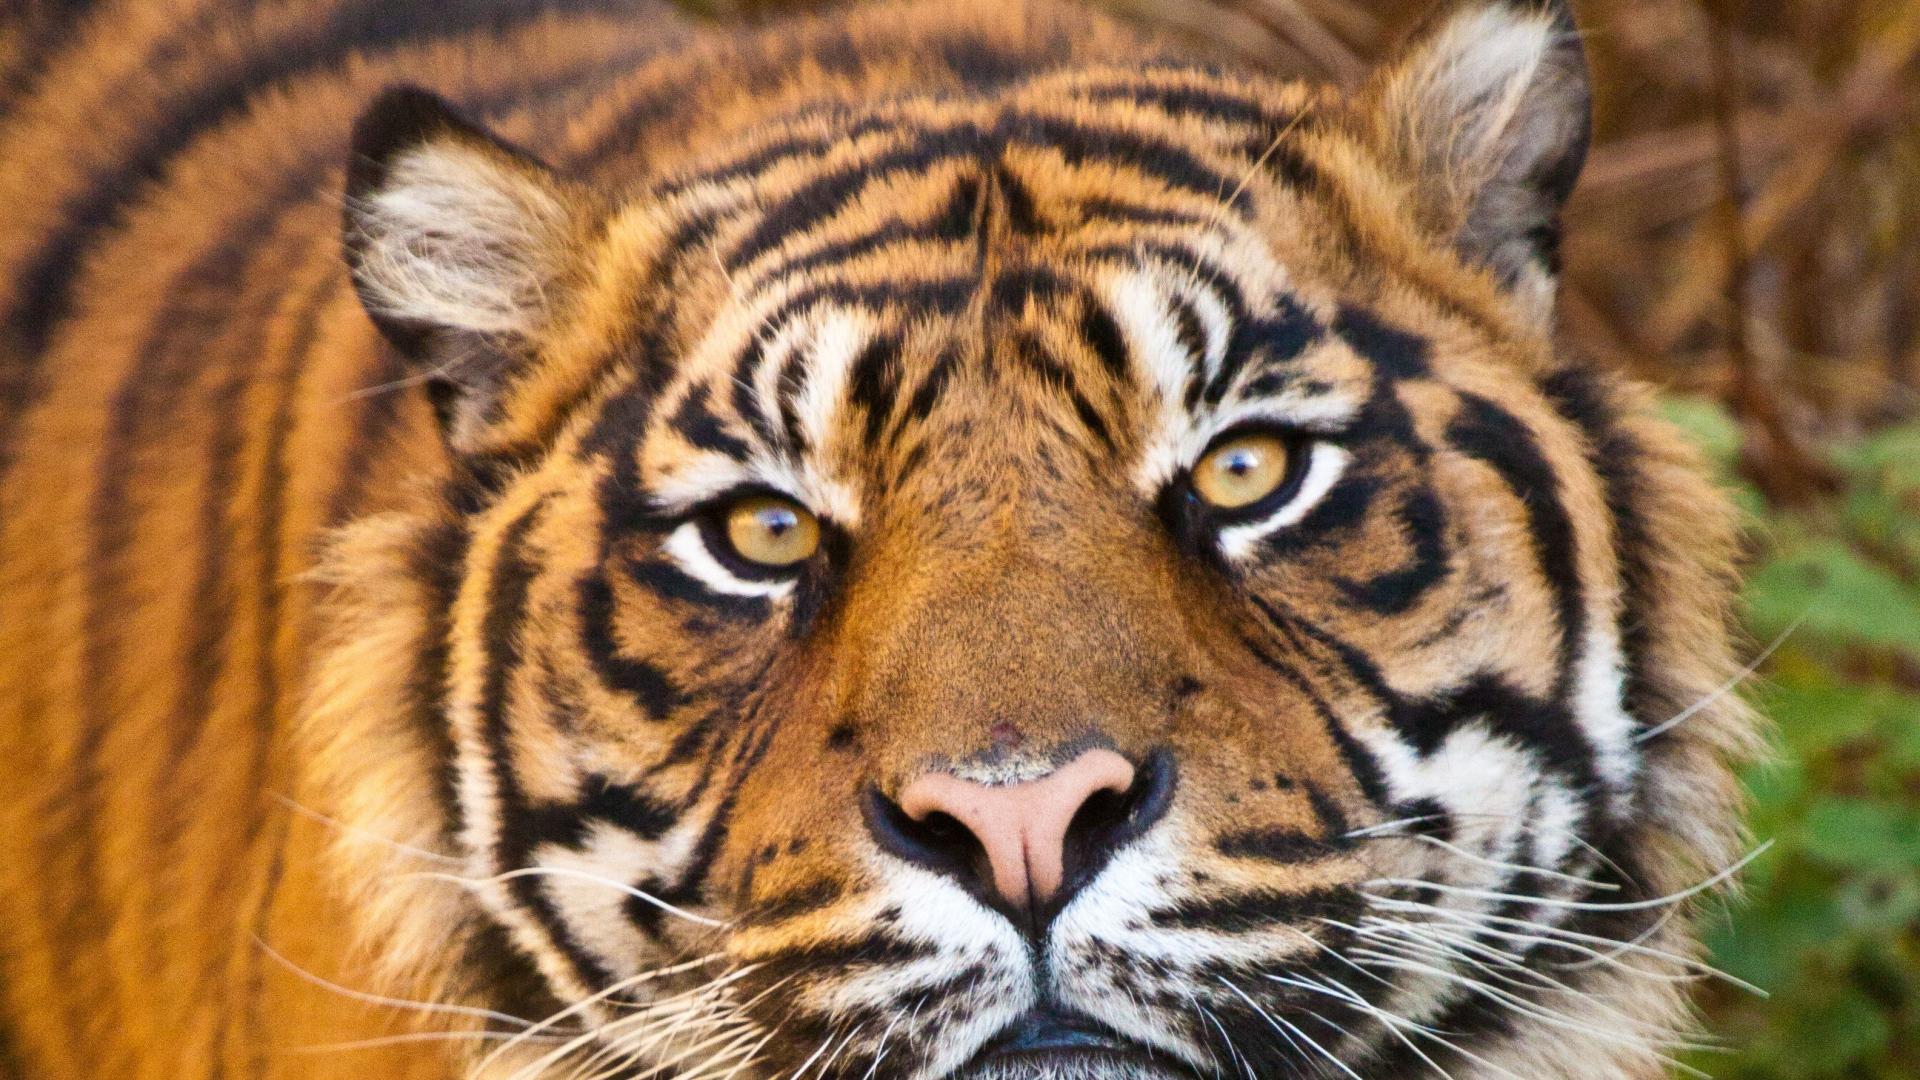 1920X1080 Tiger Wallpaper Full HD